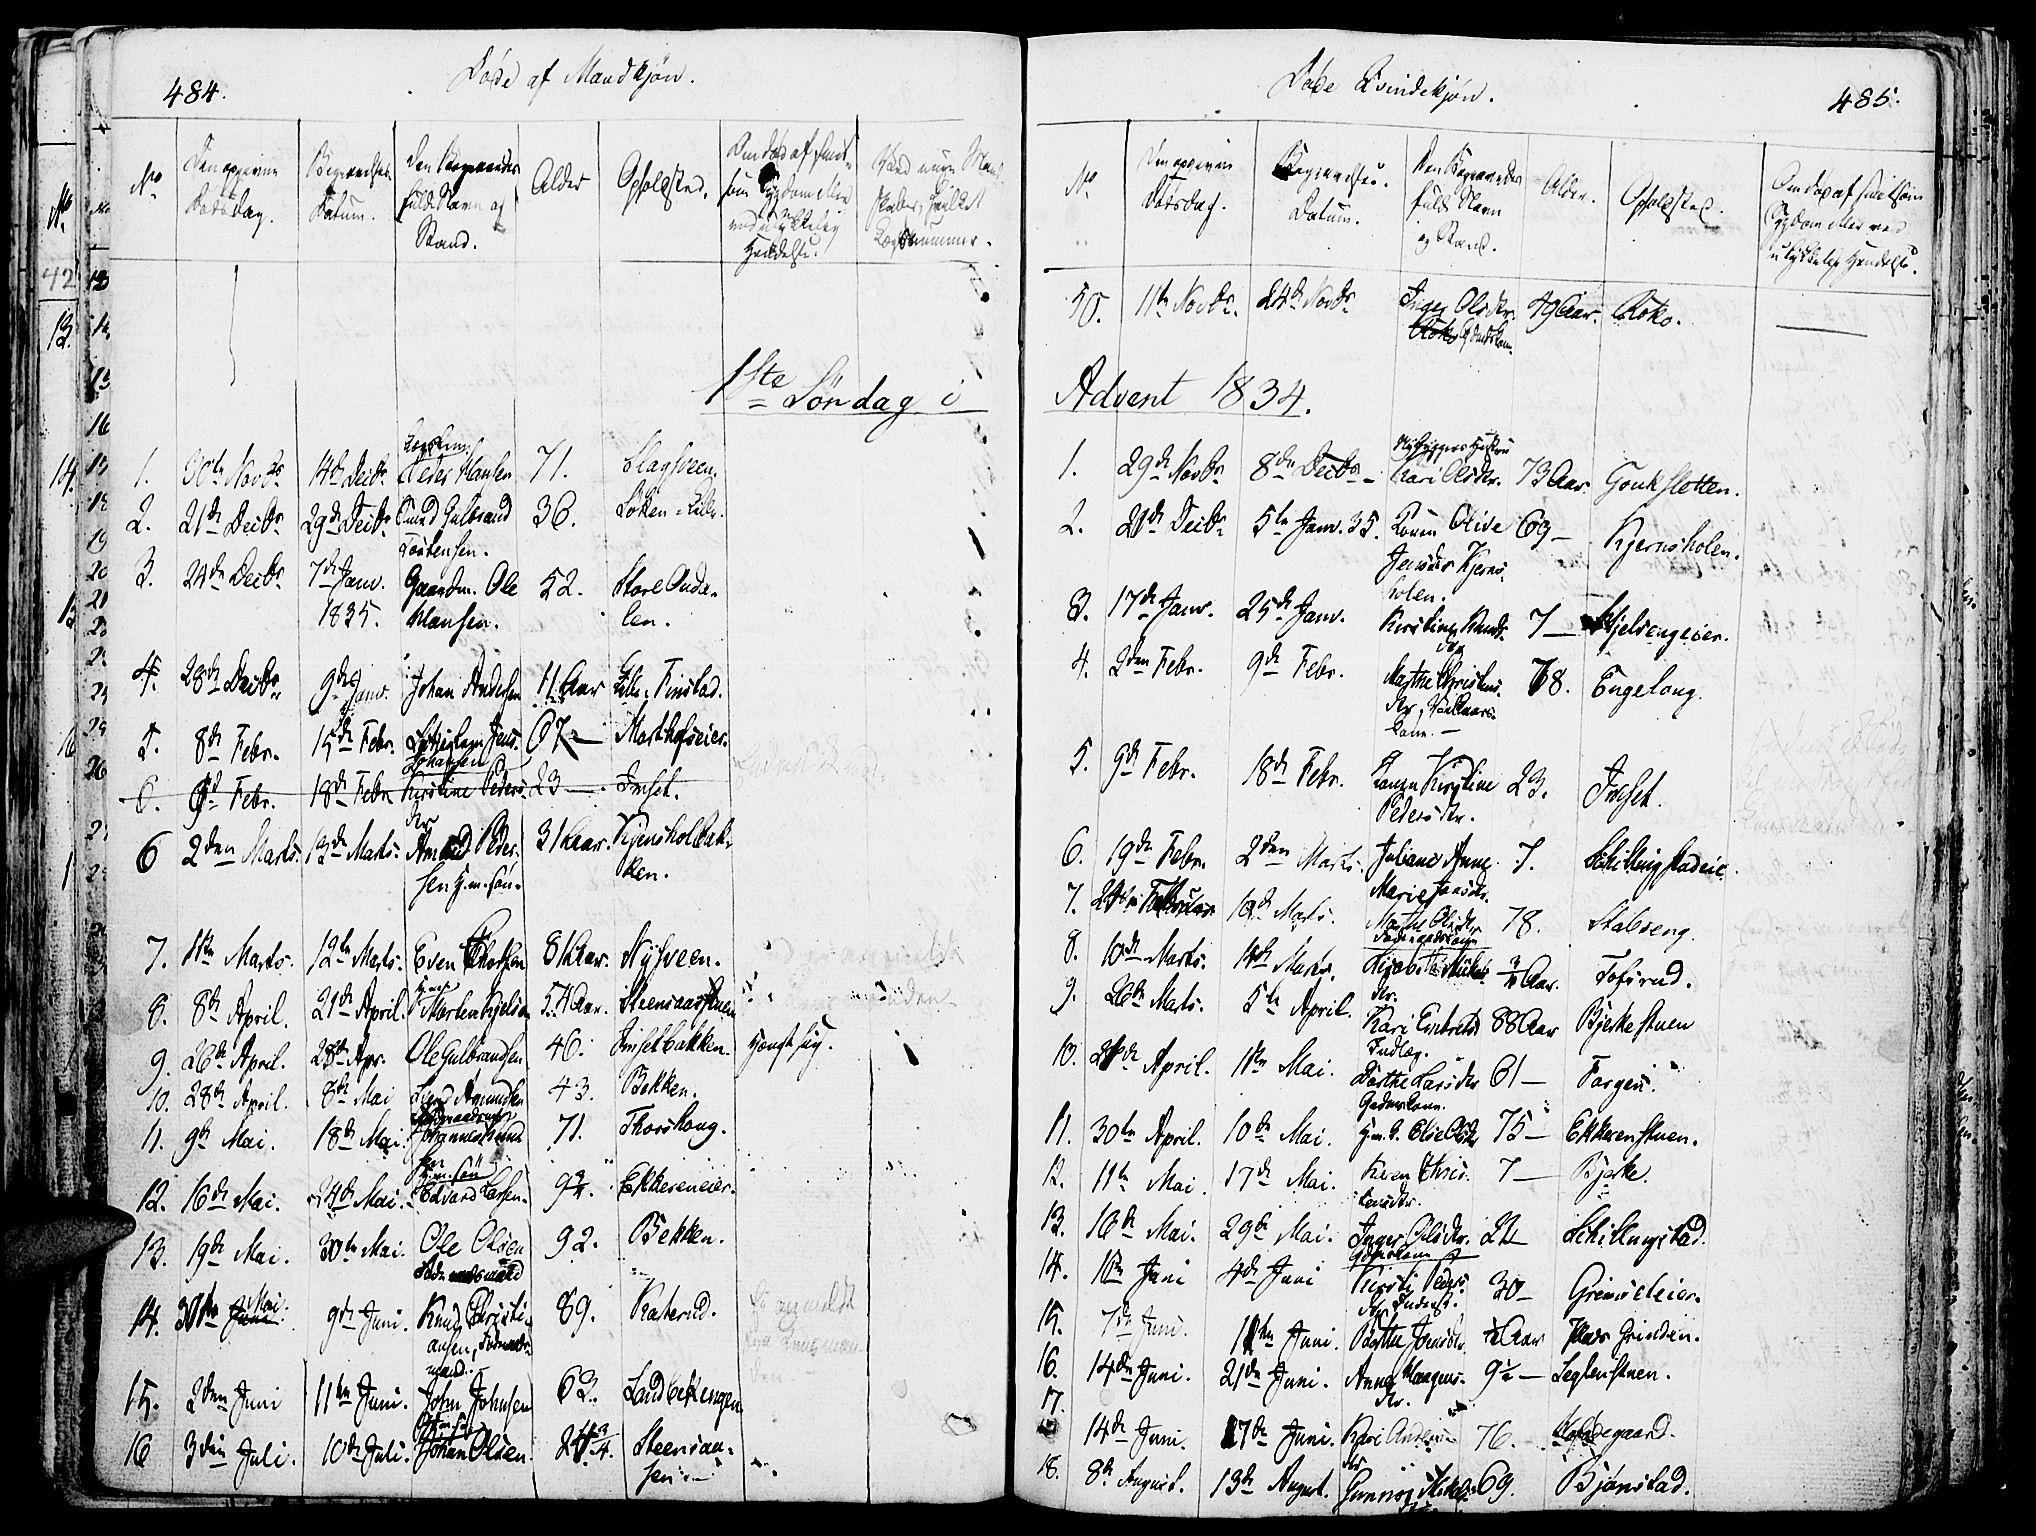 SAH, Løten prestekontor, K/Ka/L0006: Parish register (official) no. 6, 1832-1849, p. 484-485